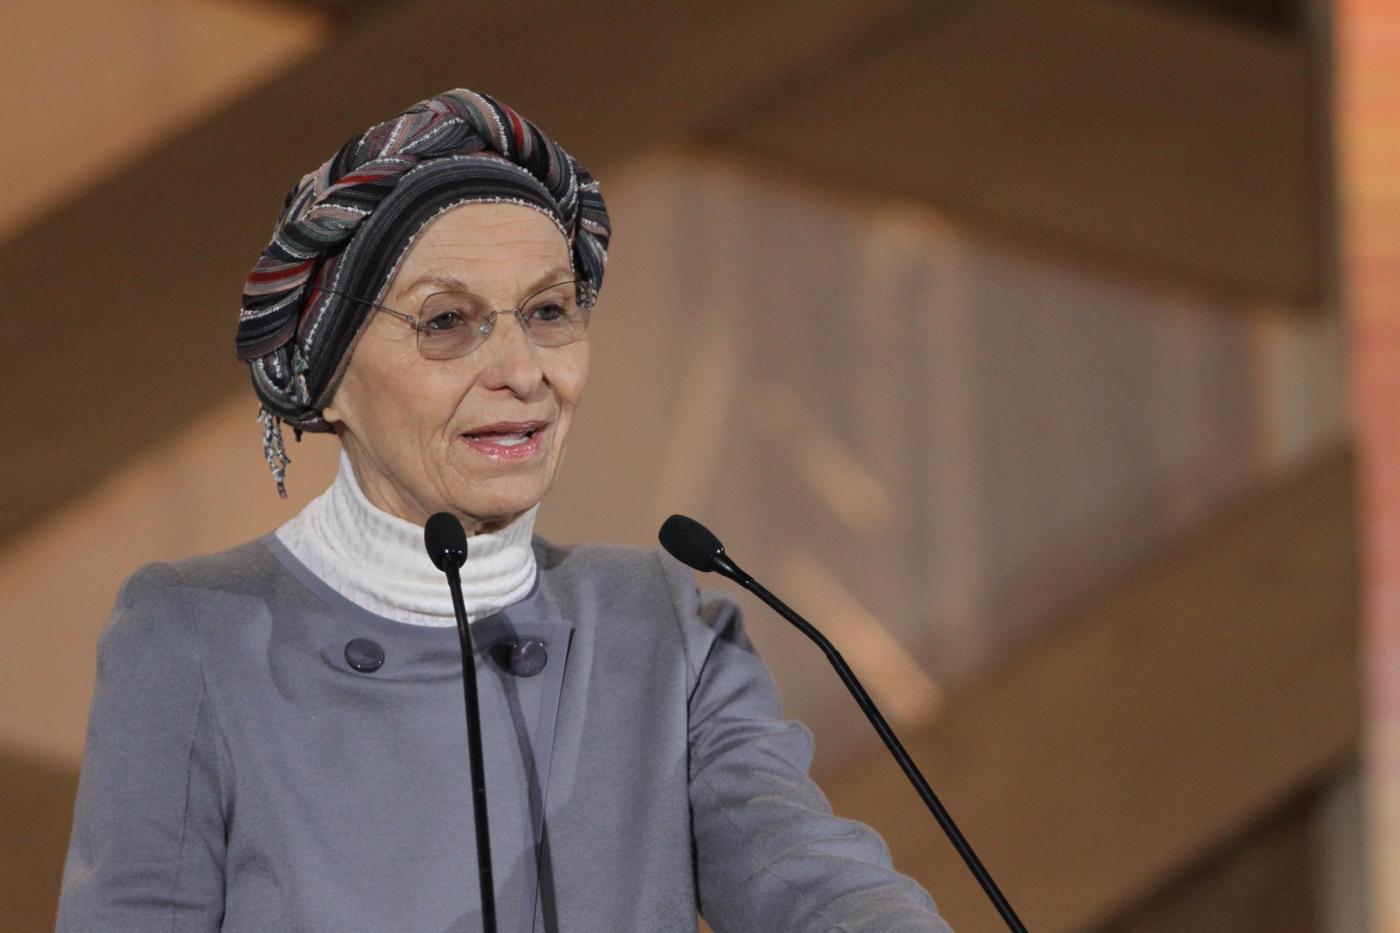 """Papa Francesco telefona a Emma Bonino per incoraggiarla a tenere duro: """"L'erba cattiva non muore mai"""""""